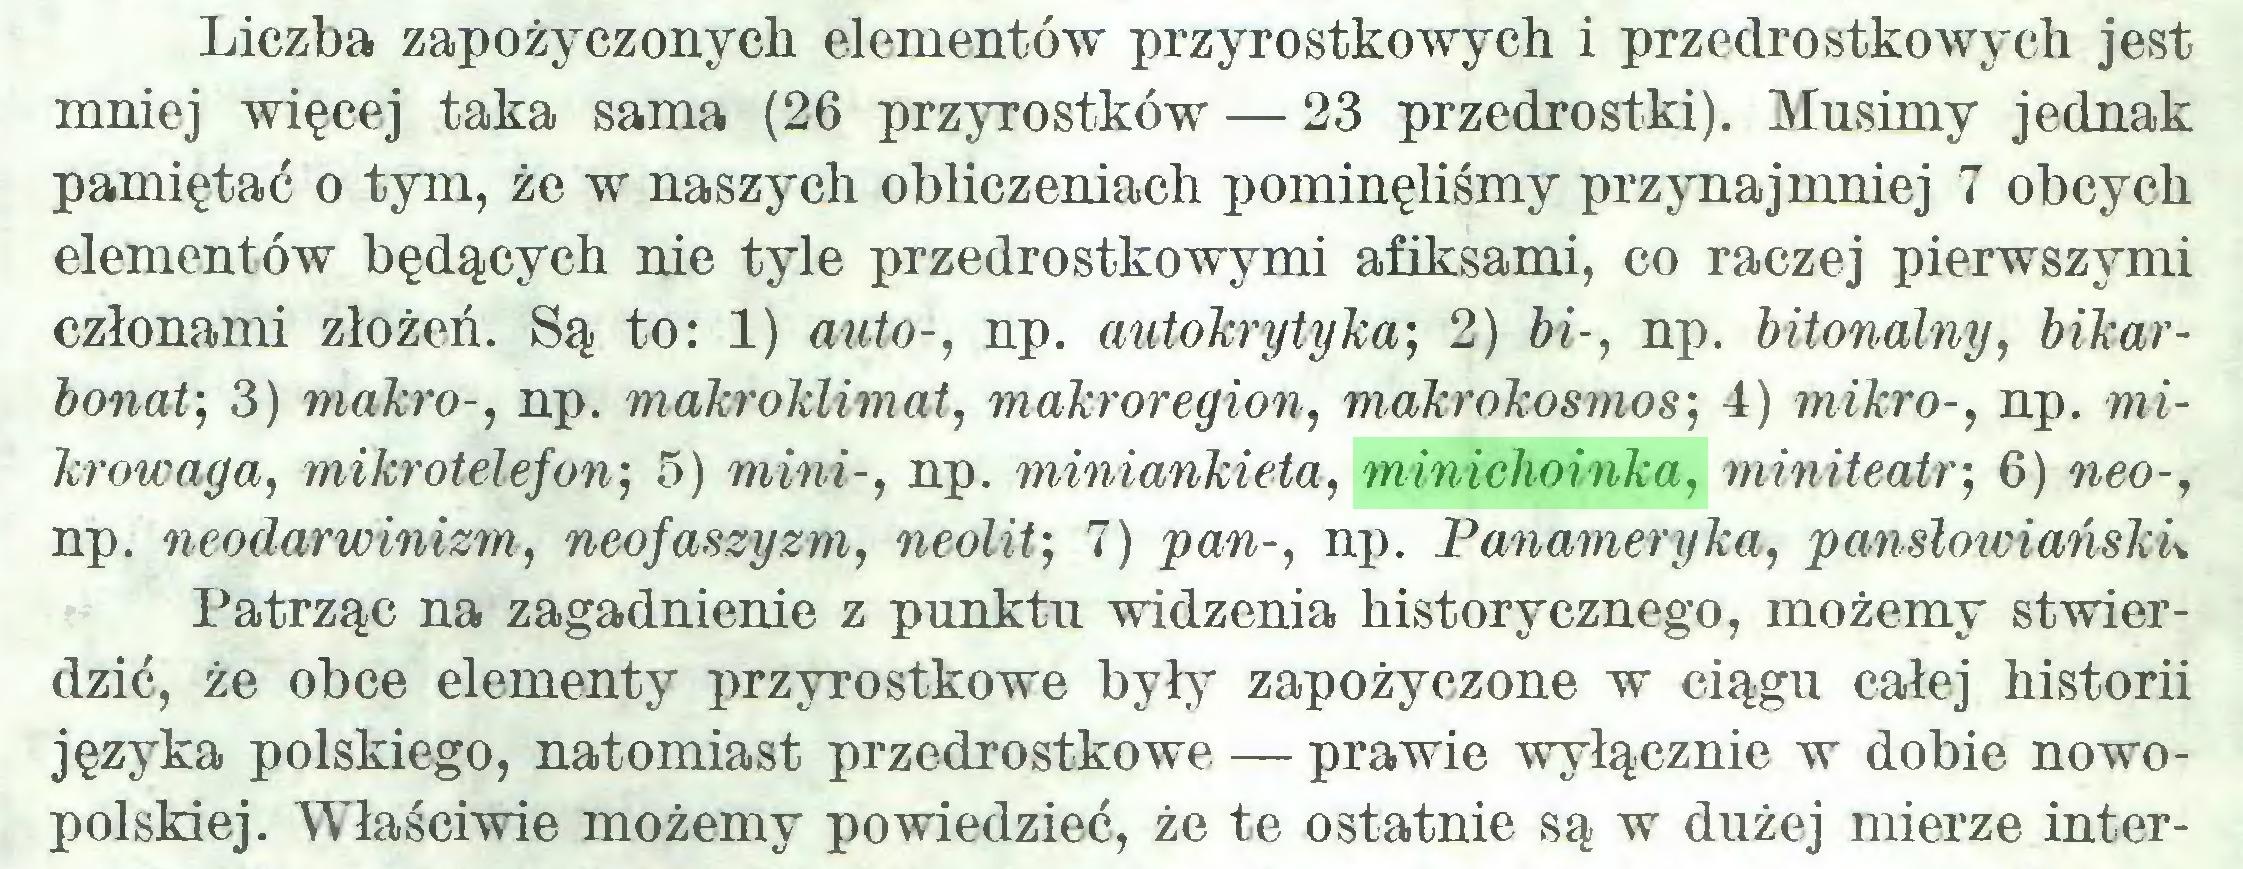 (...) Liczba zapożyczonych elementów przyrostkowych i przedrostkowych jest mniej więcej taka sama (26 przyrostków — 23 przedrostki). Musimy jednak pamiętać o tym, że w naszych obliczeniach pominęliśmy przynajmniej 7 obcych elementów będących nie tyle przedrostkowymi afiksami, co raczej pierwszymi członami złożeń. Są to: 1) auto-, np. autokrytyka; 2) bi-, np. bitonalny, bikarbonaP, 3) makro-, np. makroklimat, makroregion, makrokosmos; 4) mikro-, np. mikrowaga, mikrotelefon; 5) mini-, np. miniankieta, minichoinka, miniteatr; 6) neo-, np. neodarwinizm, neofaszyzm, neolit-, 7) pan-, np. Panameryka, panslowiańsku Patrząc na zagadnienie z punktu widzenia historycznego, możemy stwierdzić, że obce elementy przyrostkowe były zapożyczone w ciągu całej historii języka polskiego, natomiast przedrostkowe — prawie wyłącznie w dobie nowopolskiej. Właściwie możemy powiedzieć, że te ostatnie są w dużej mierze inter...